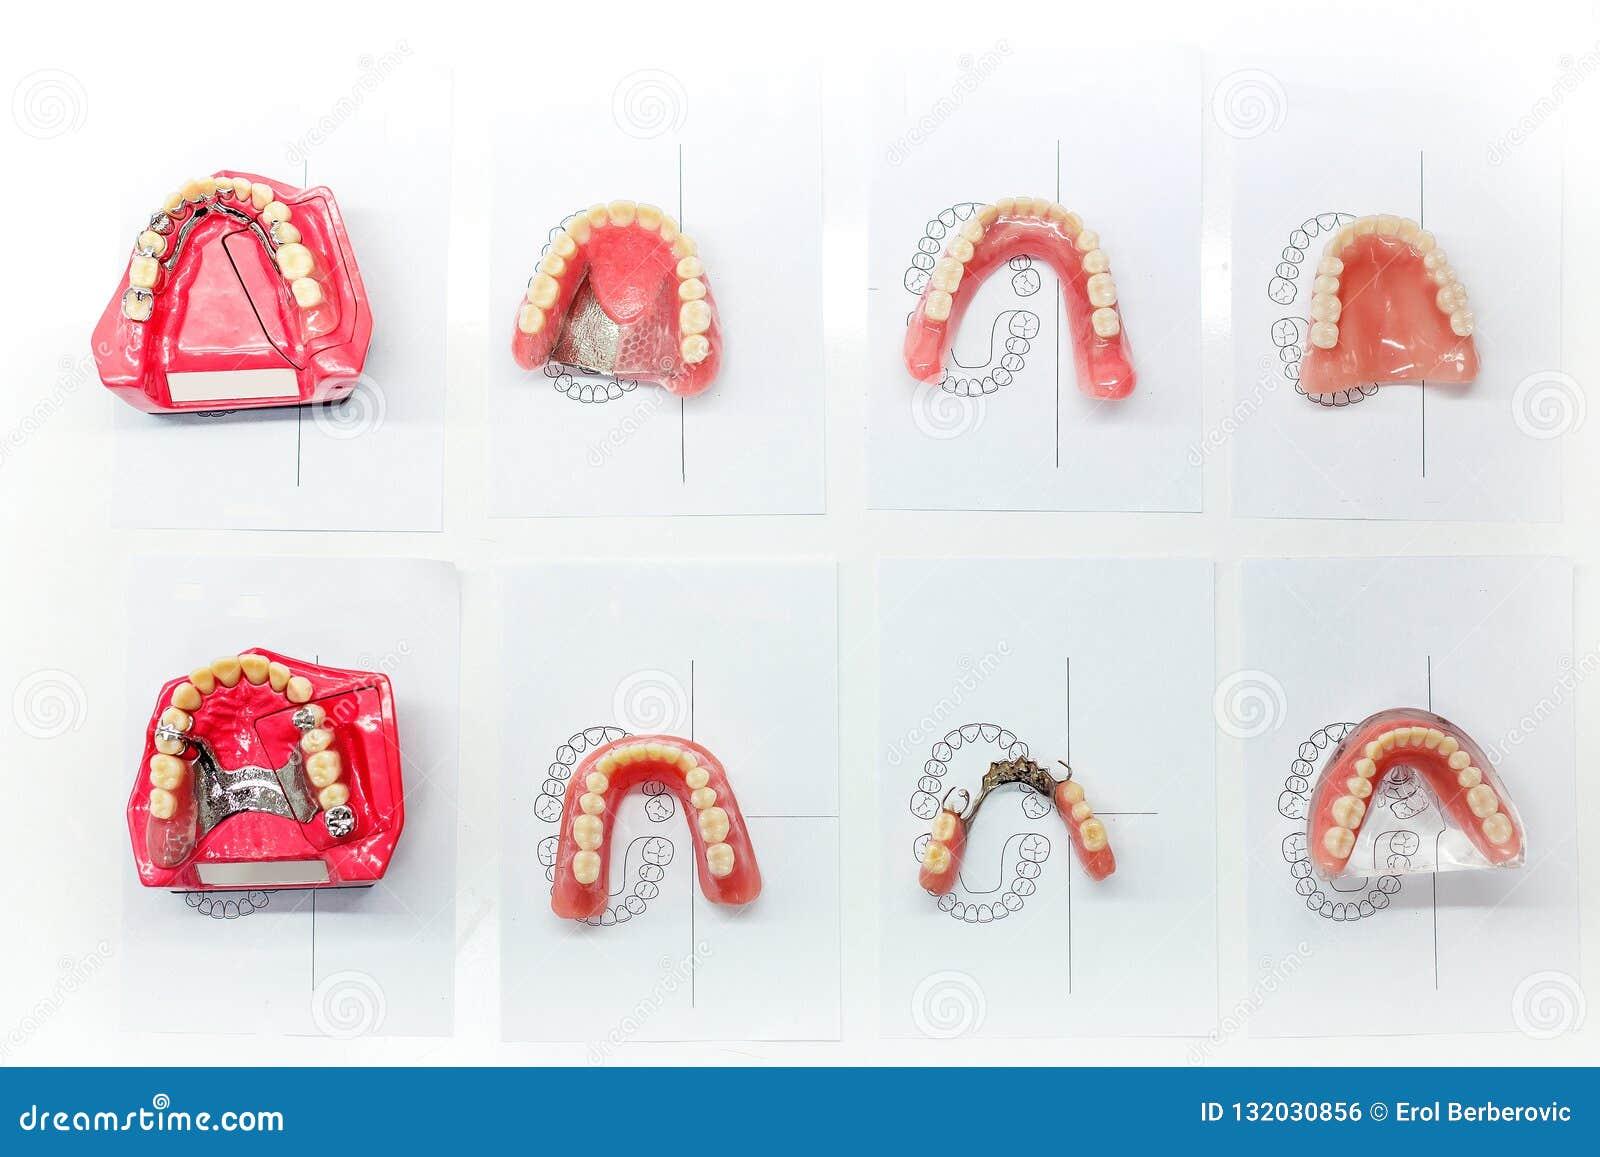 Modellen van tandkroon